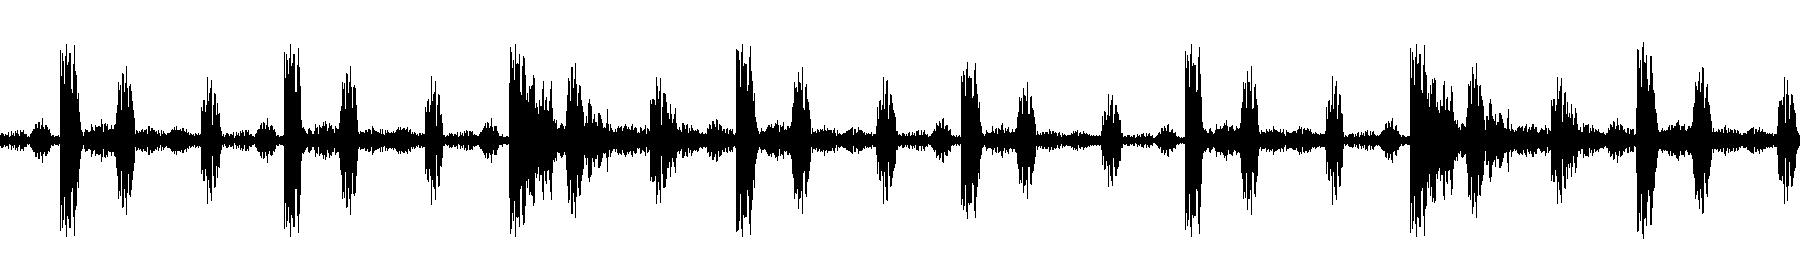 pth synth 01b